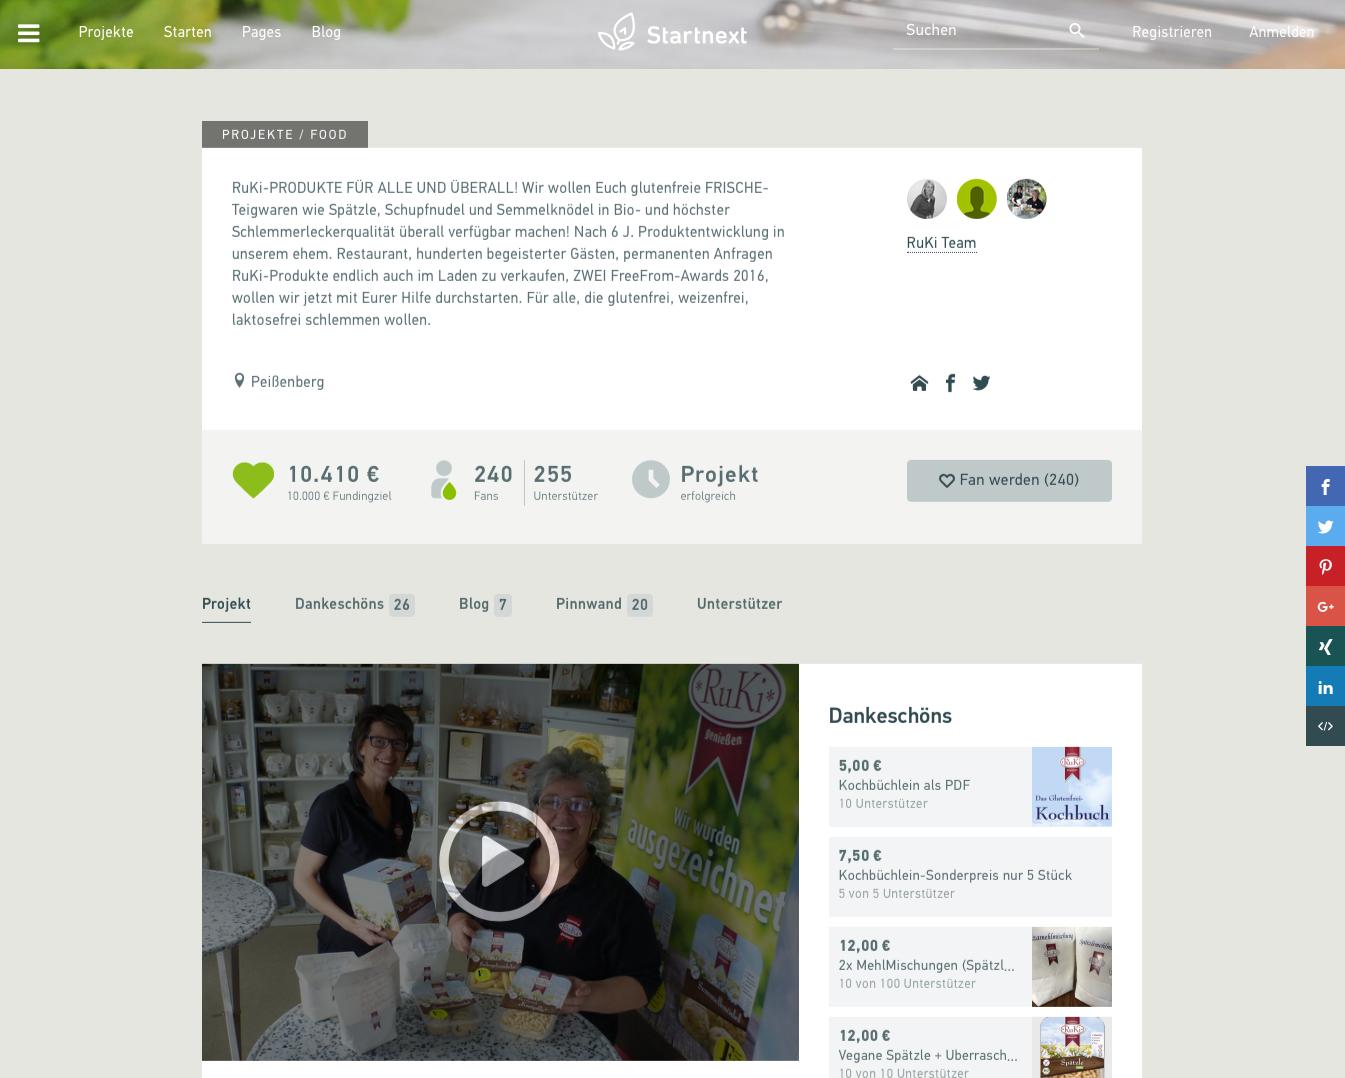 werbeagentur-muenchen-bestof-kampagne-startnext-webseite